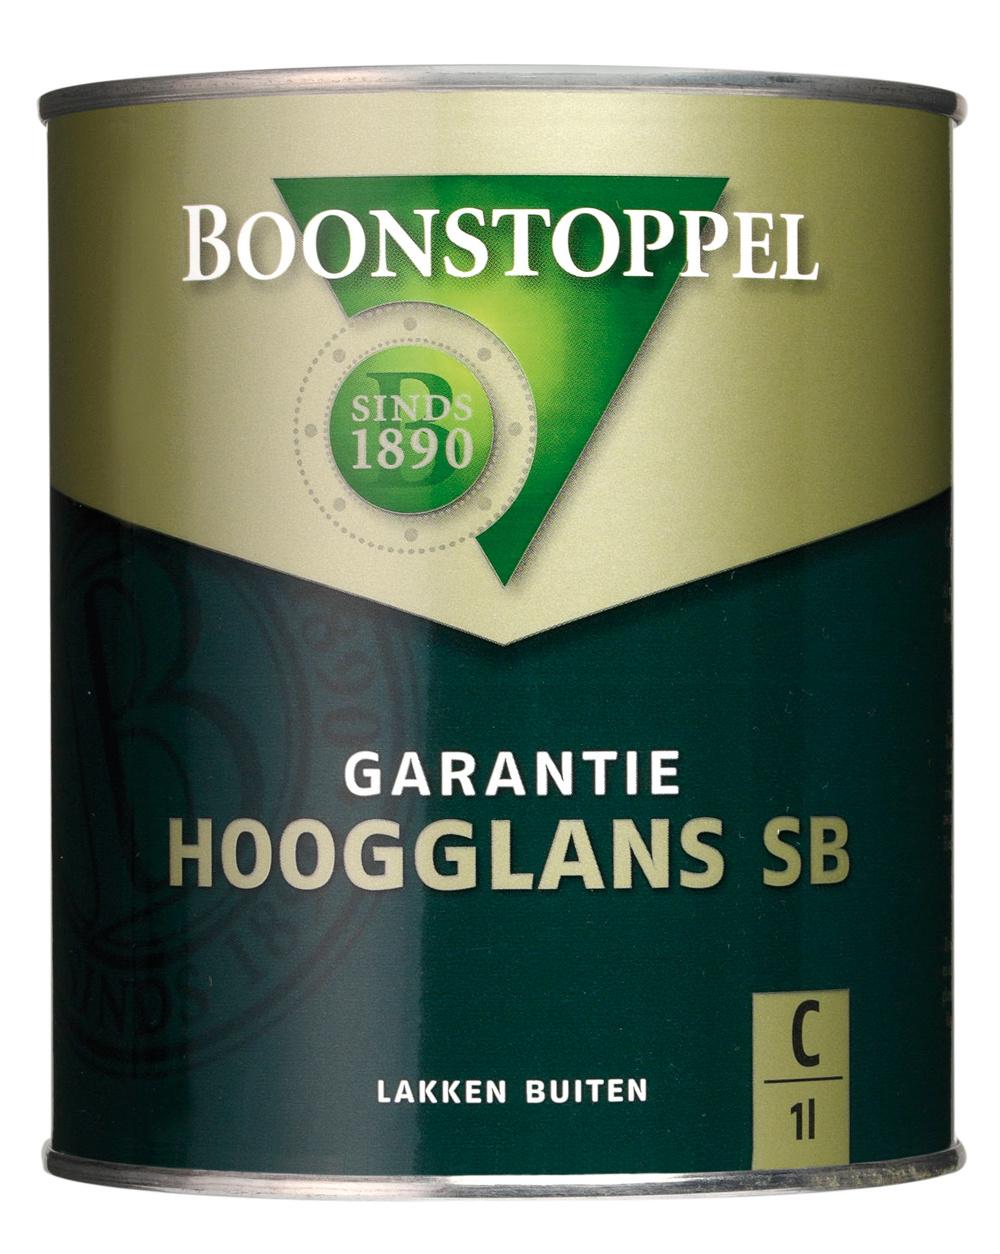 Boonstoppel Garantie Hoogglans SB 0,5 Liter 100% Wit